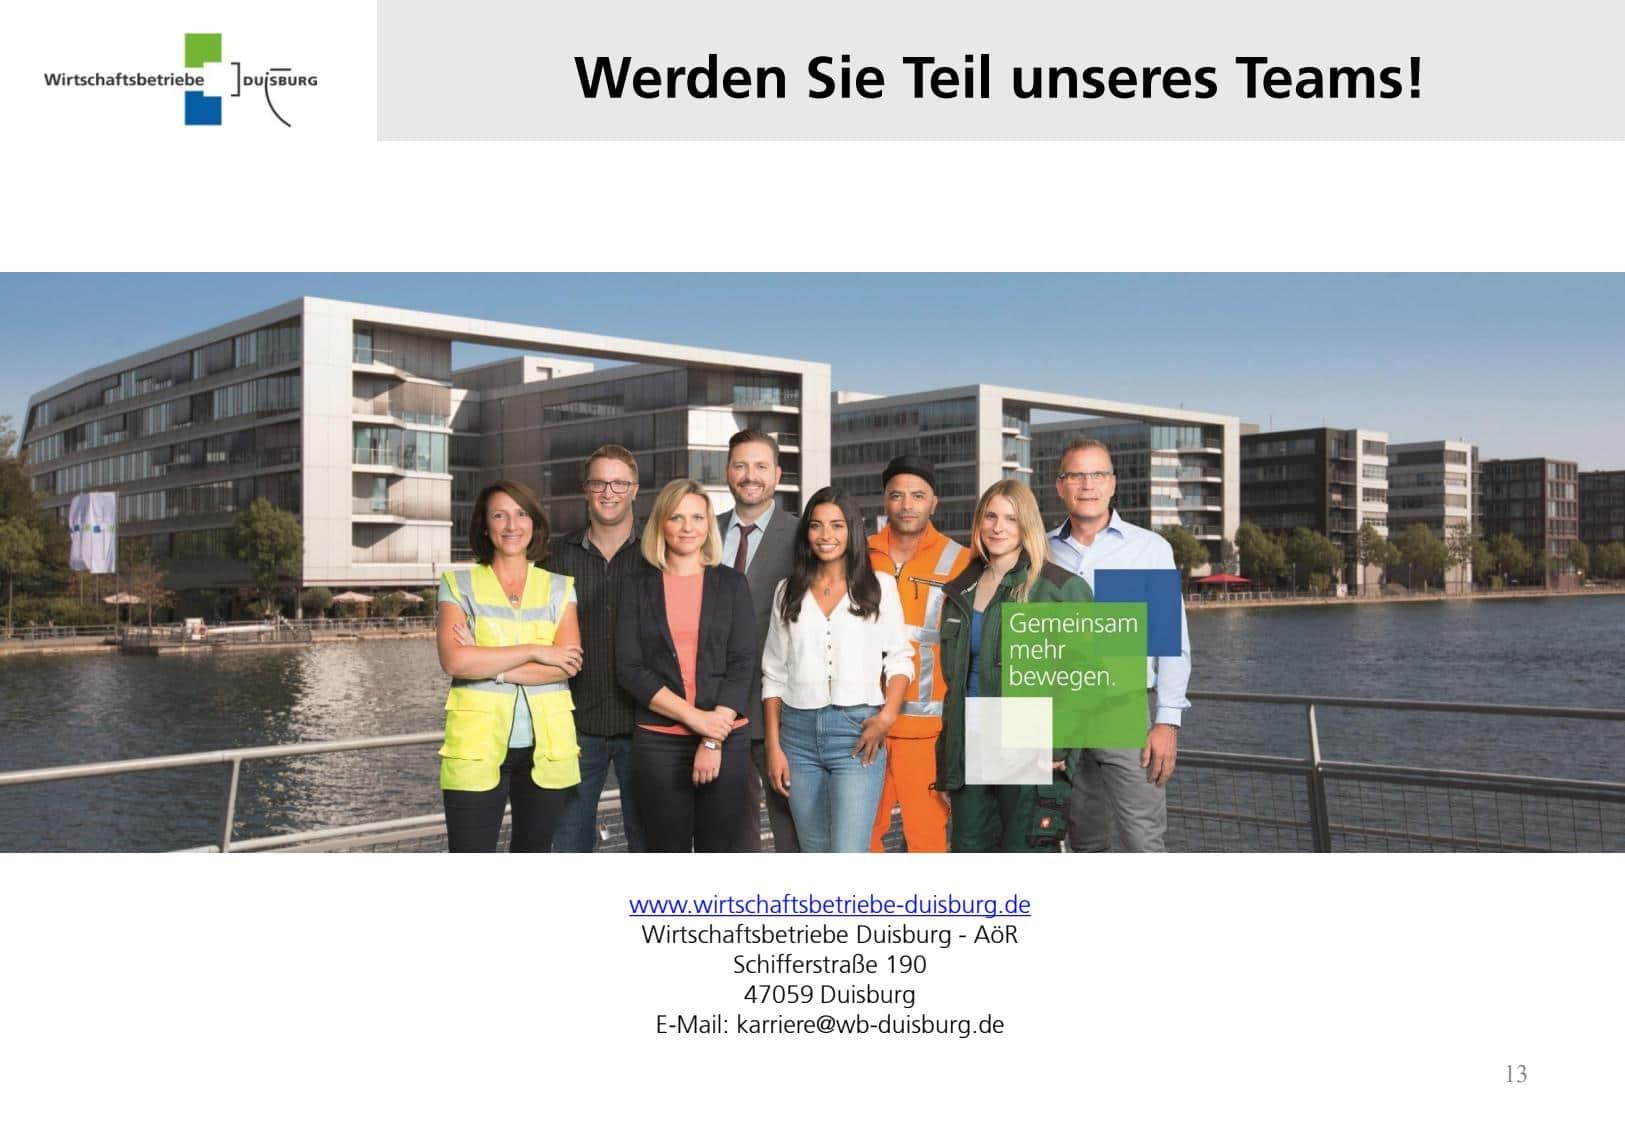 Wirtschaftsbetriebe Duisburg-AöR_page_13